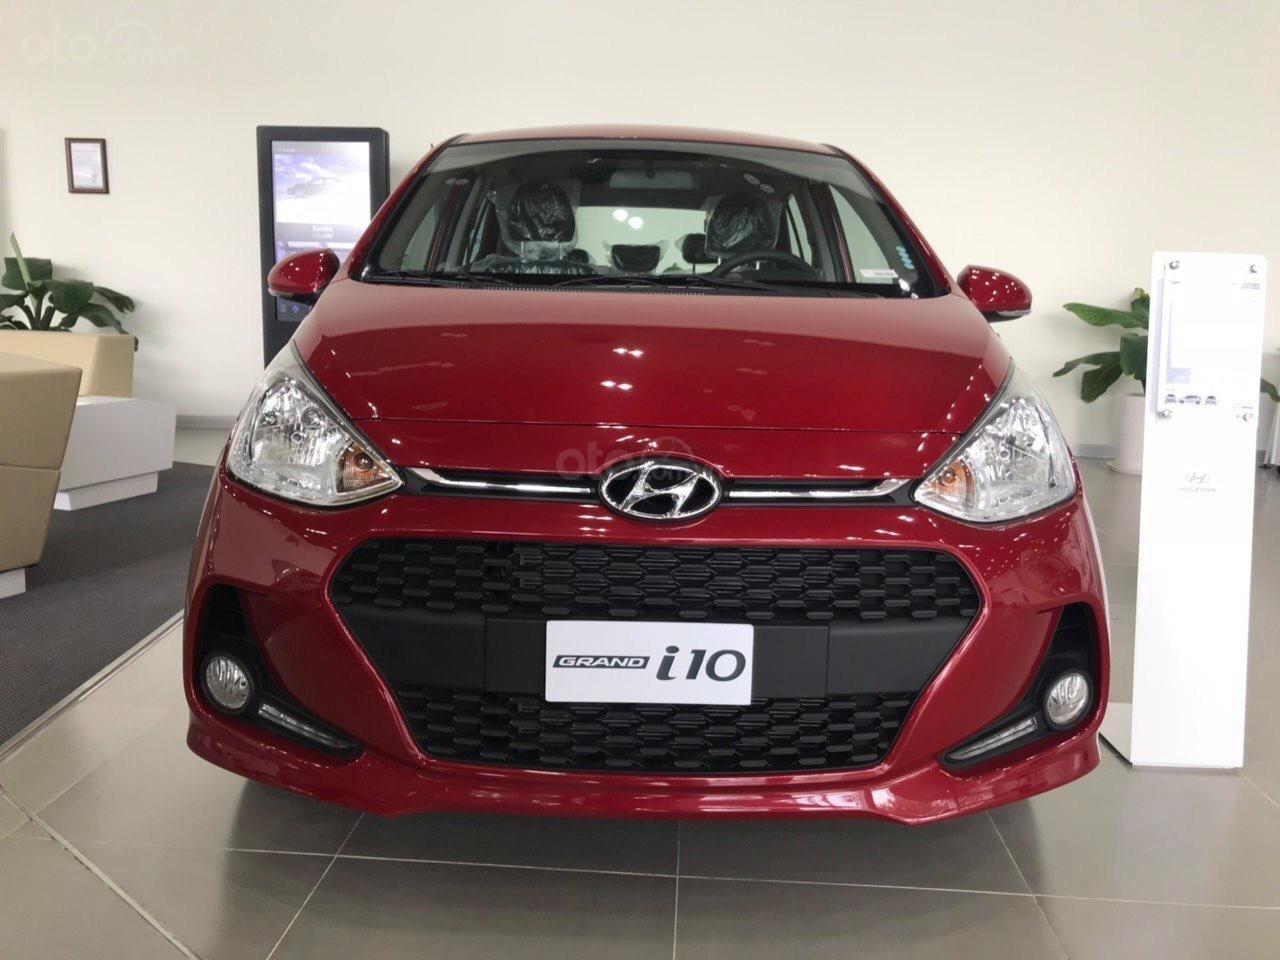 Bán Hyundai Grand i10 AT năm 2019, màu đỏ, tặng phụ kiện chính hãng cao cấp, có xe liền, hỗ trợ vay vốn ngân hàng (1)